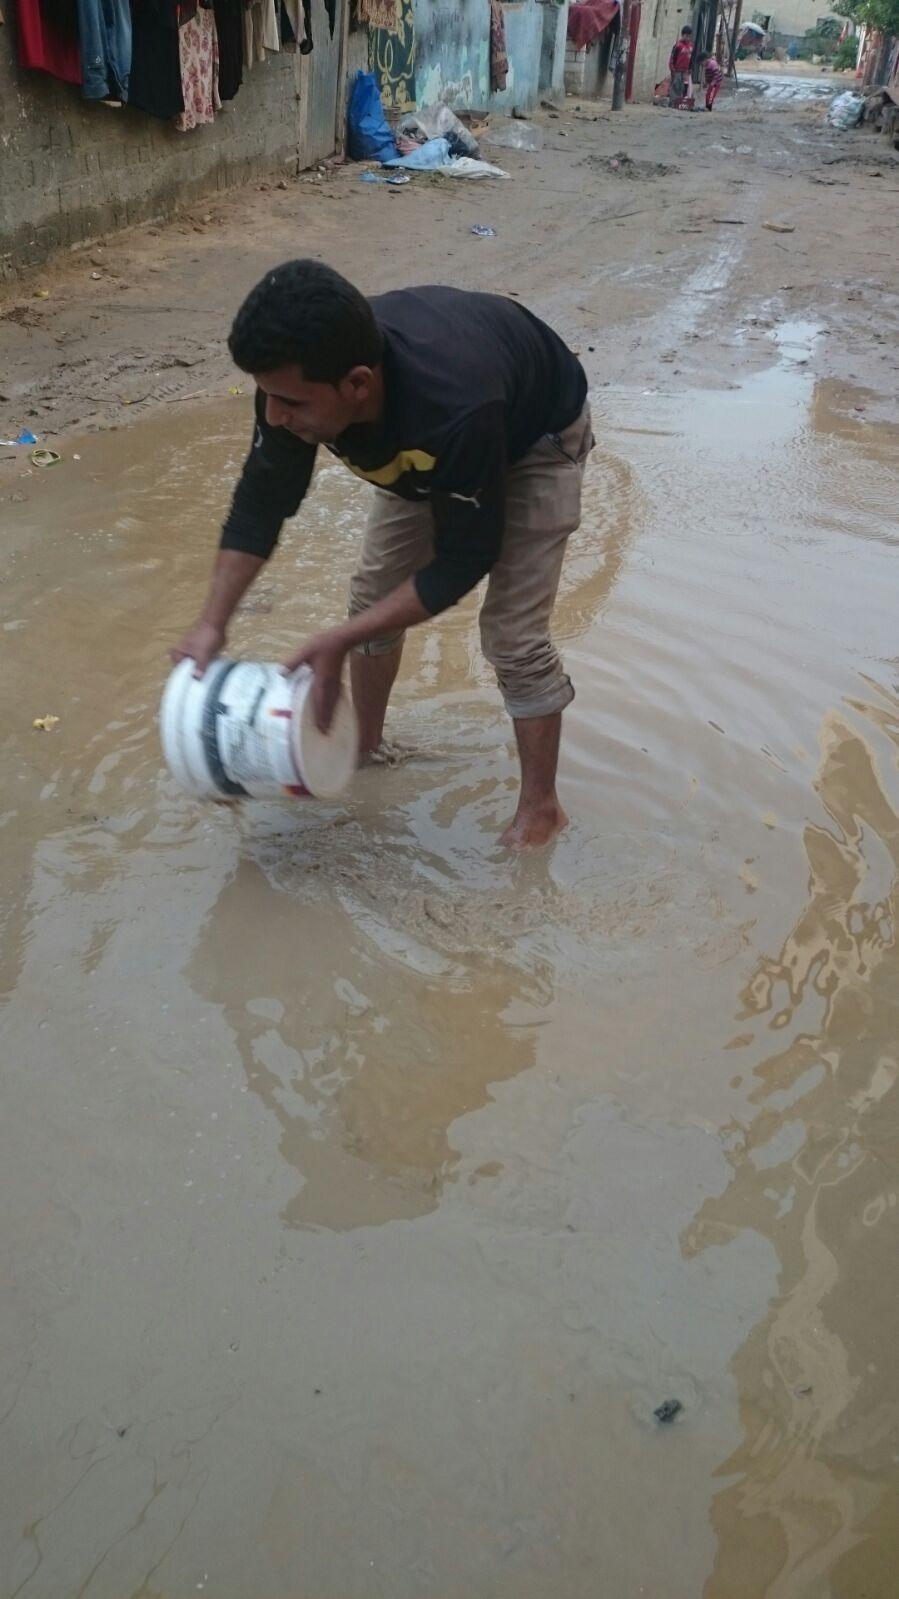 📷| بالصور.. الأمطار تغرق قرية «الكفاح» بالبحيرة.. وتضرب أسقف البيوت